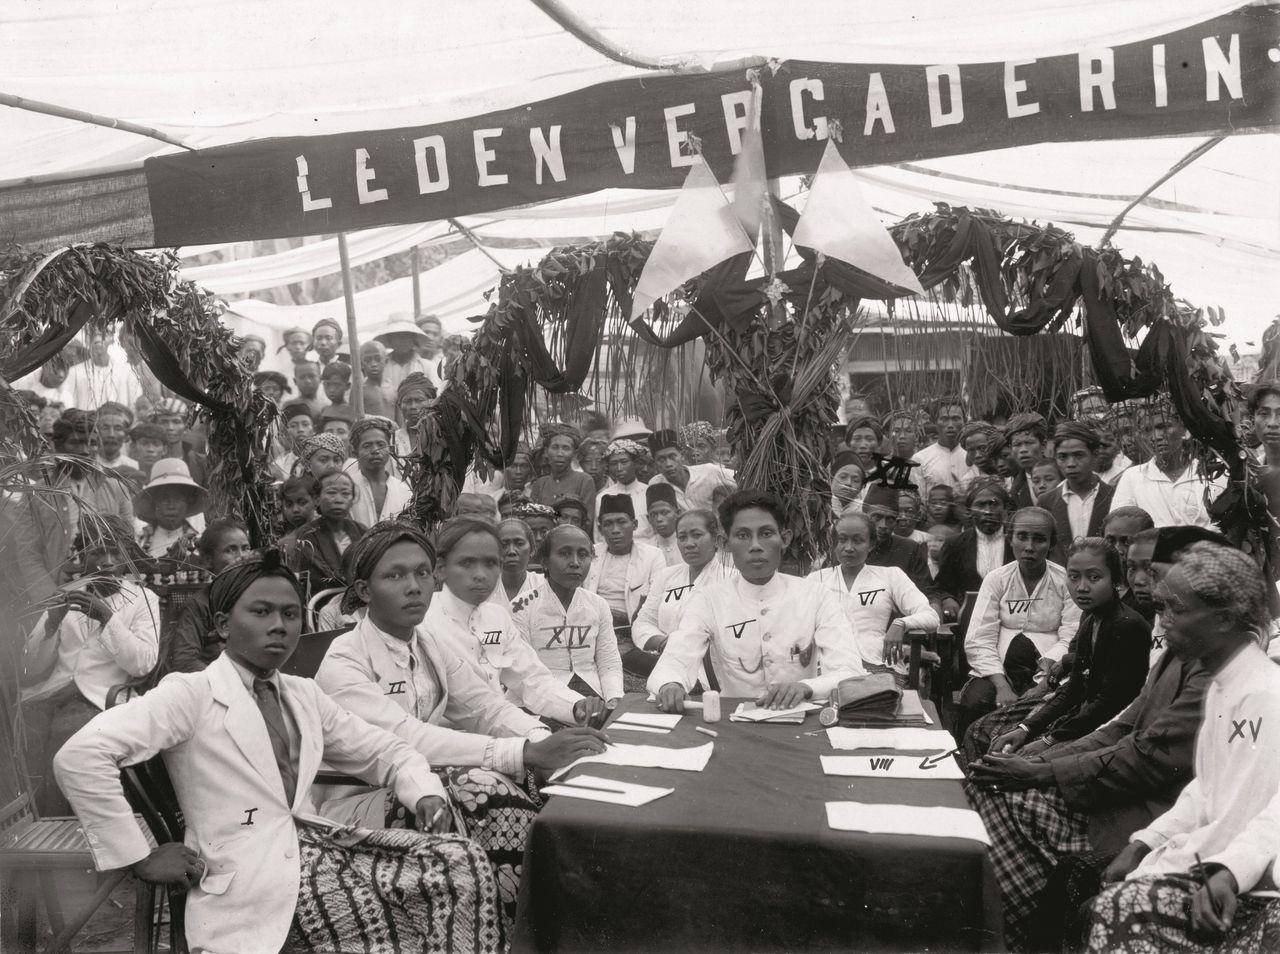 Ledenvergadering van de onafhankelijkheidsbeweging Sarekat Islam (SI) in Kaliwoengoe, Kendal, 1921.